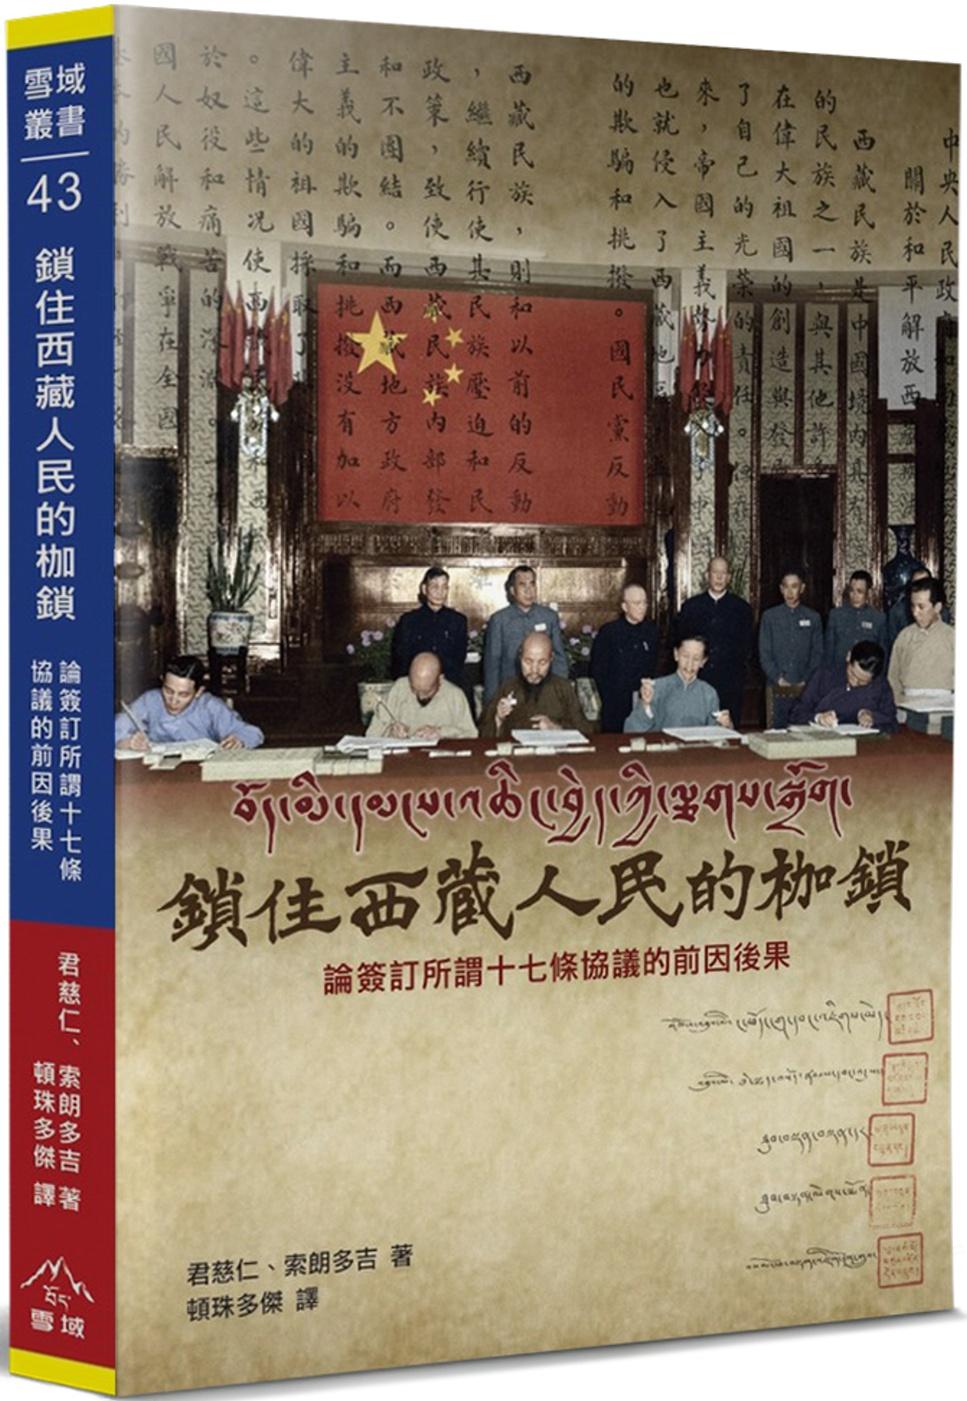 鎖住西藏人民的枷鎖:論簽訂所謂...